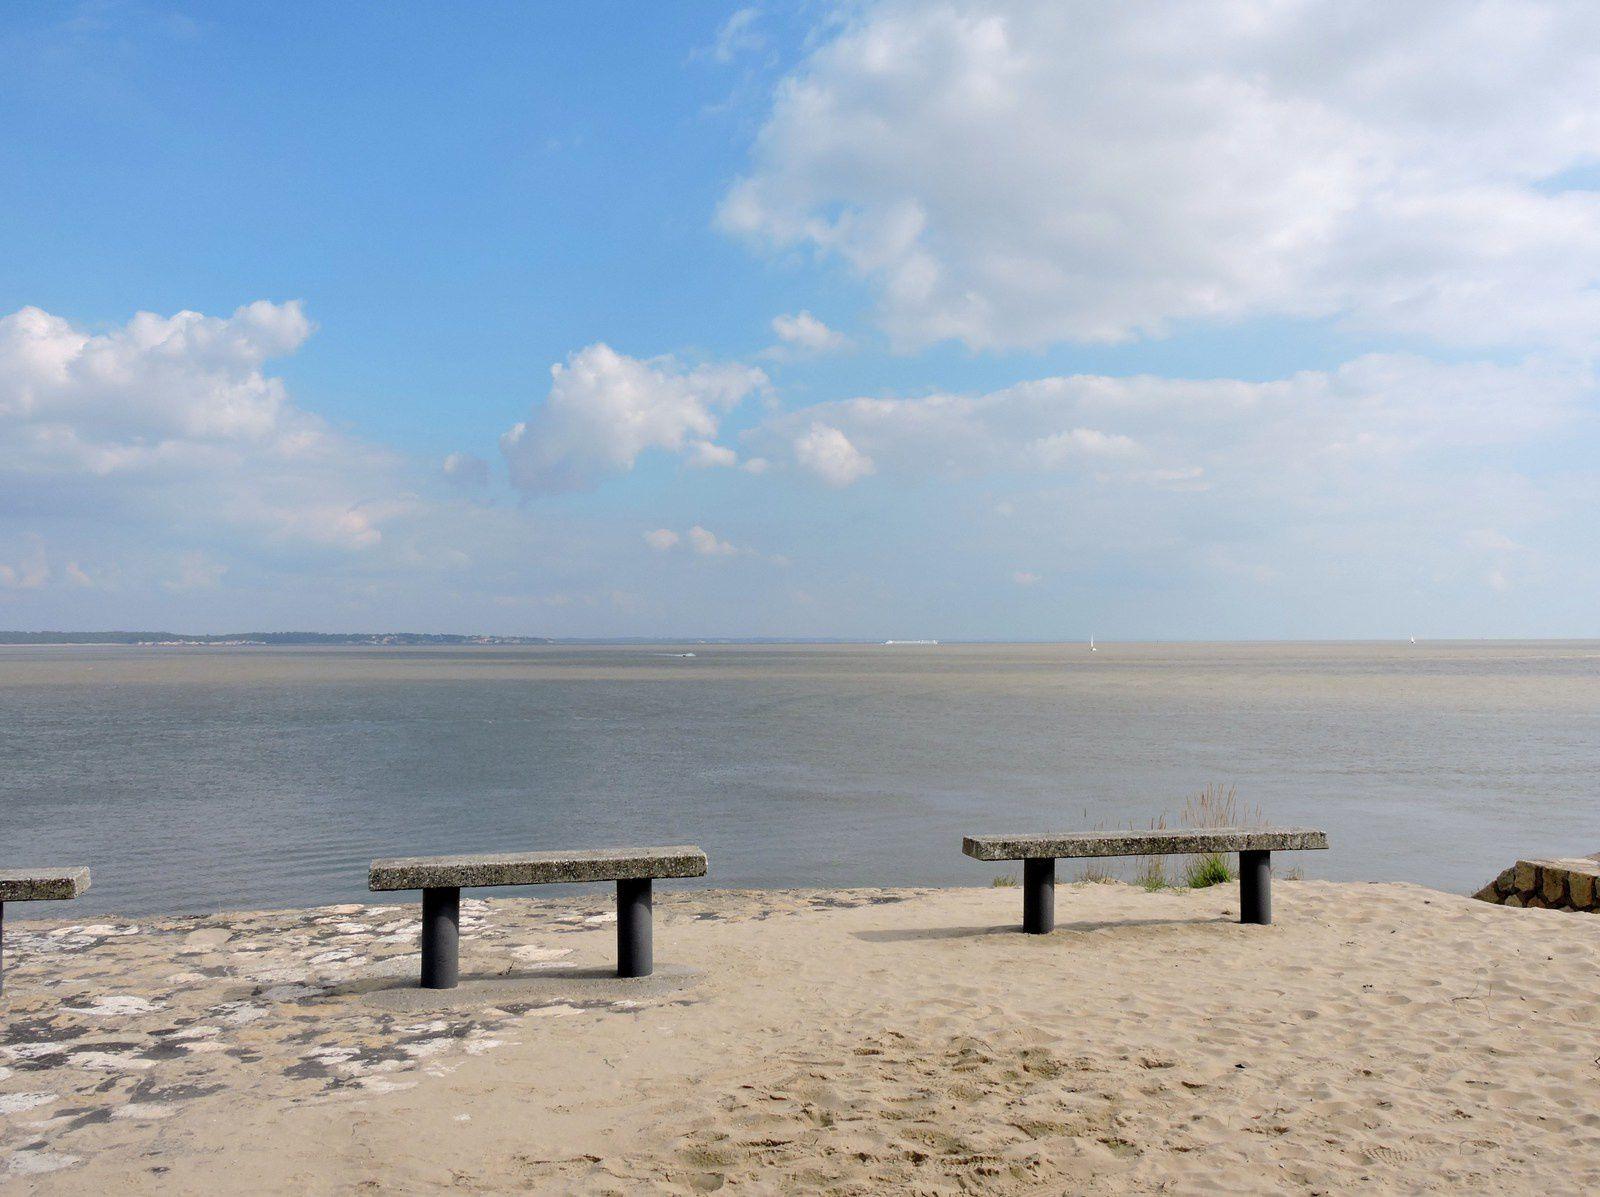 Le Verdon ,c'est ici que se rencontrent l'océan et les eaux de l'Estuaire de la Gironde , c'est ici aussi que l'on prend le bac pour rejoindre ROYAN.